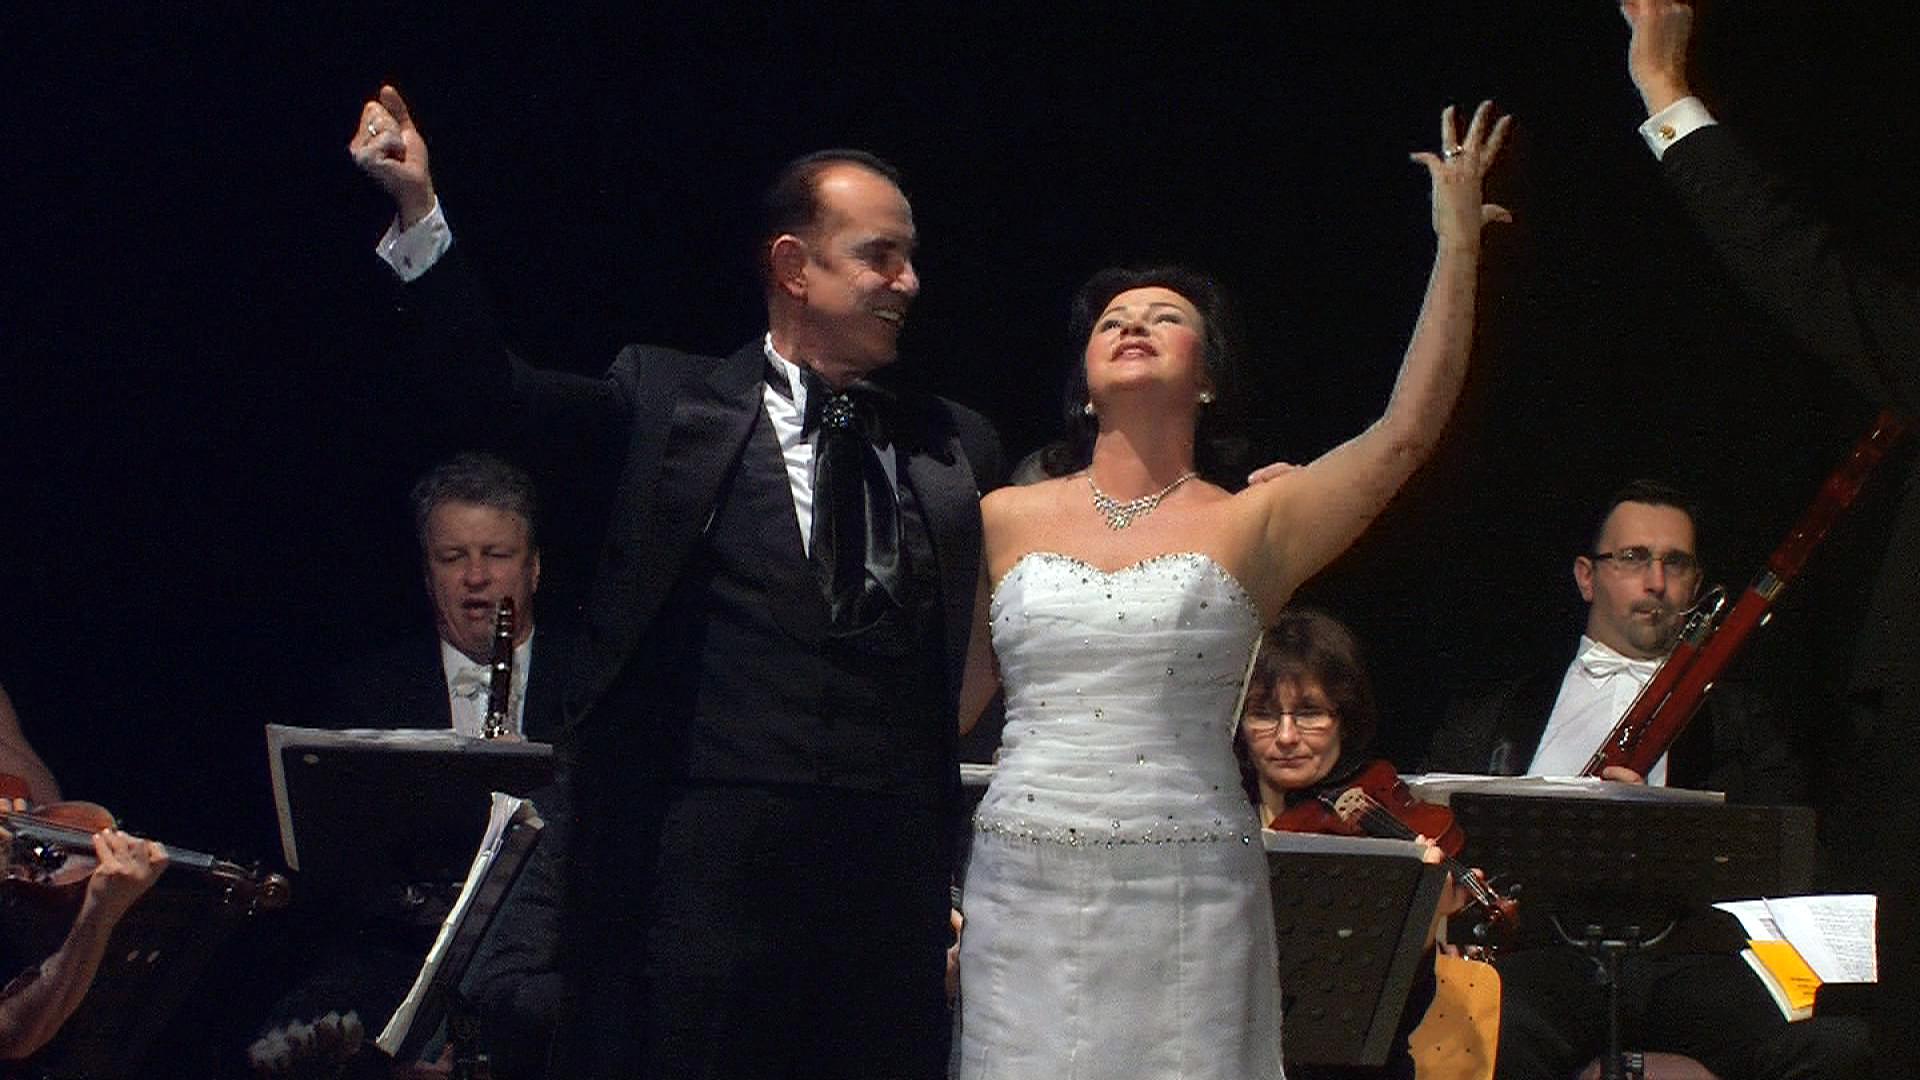 Sopranistin Katerina Beranova und  Tenor Claus Durstewitz.